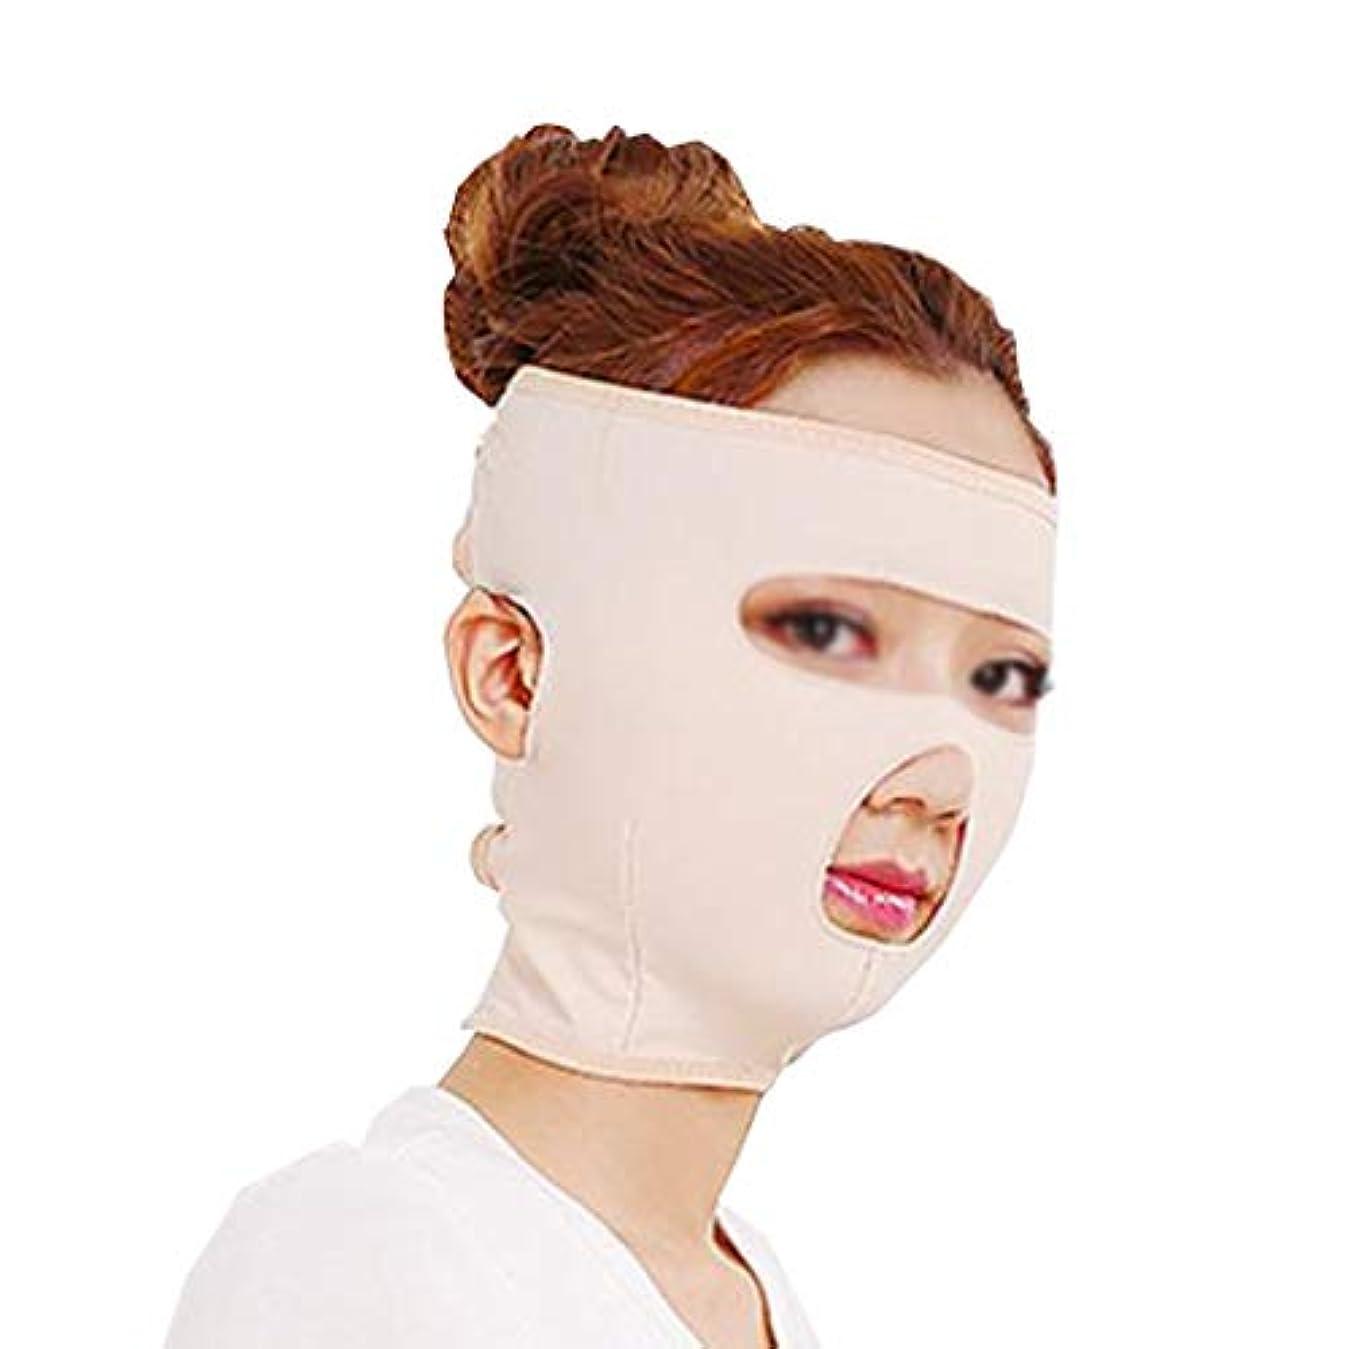 独占ロイヤリティ農業のZWBD フェイスマスク, 強力なフェイスマスクフェイスマスクフェイスウェイトバンデージファーミングフェイスマスクフェイスマスク